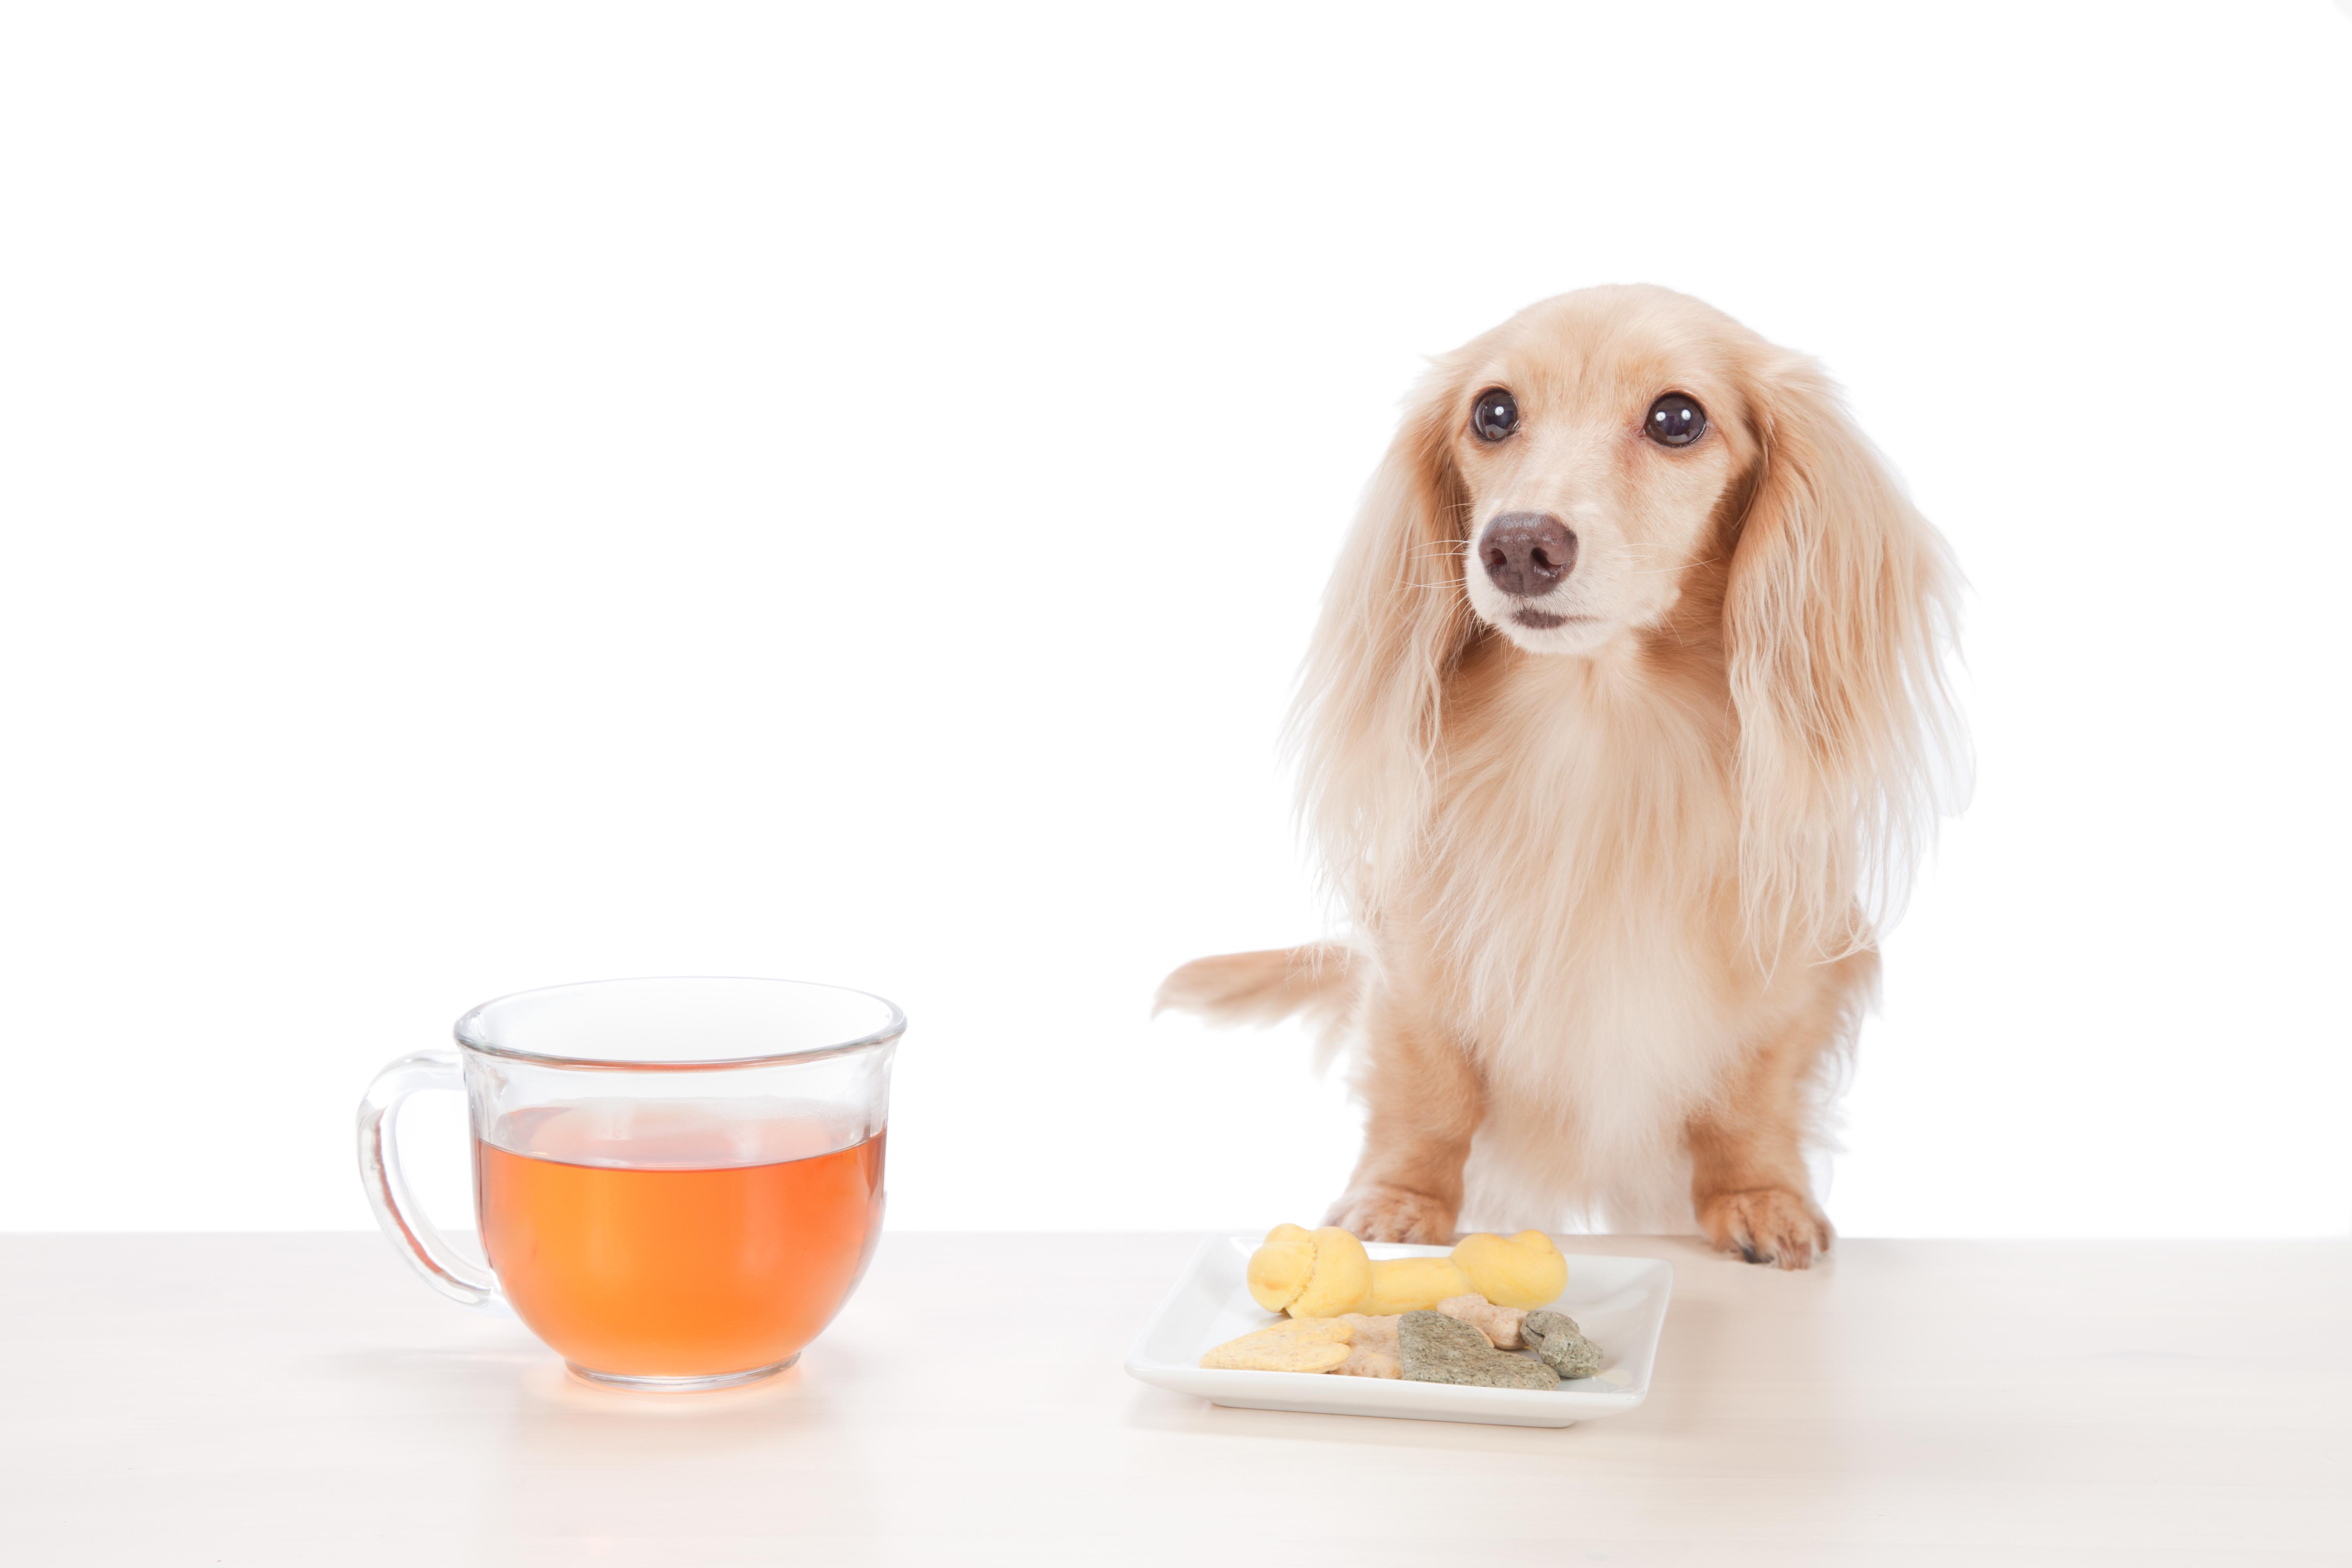 夏の脱水予防!家にあるアレで、愛犬に特製ハーブティーを作ろう!脱水症状の確認方法もご紹介